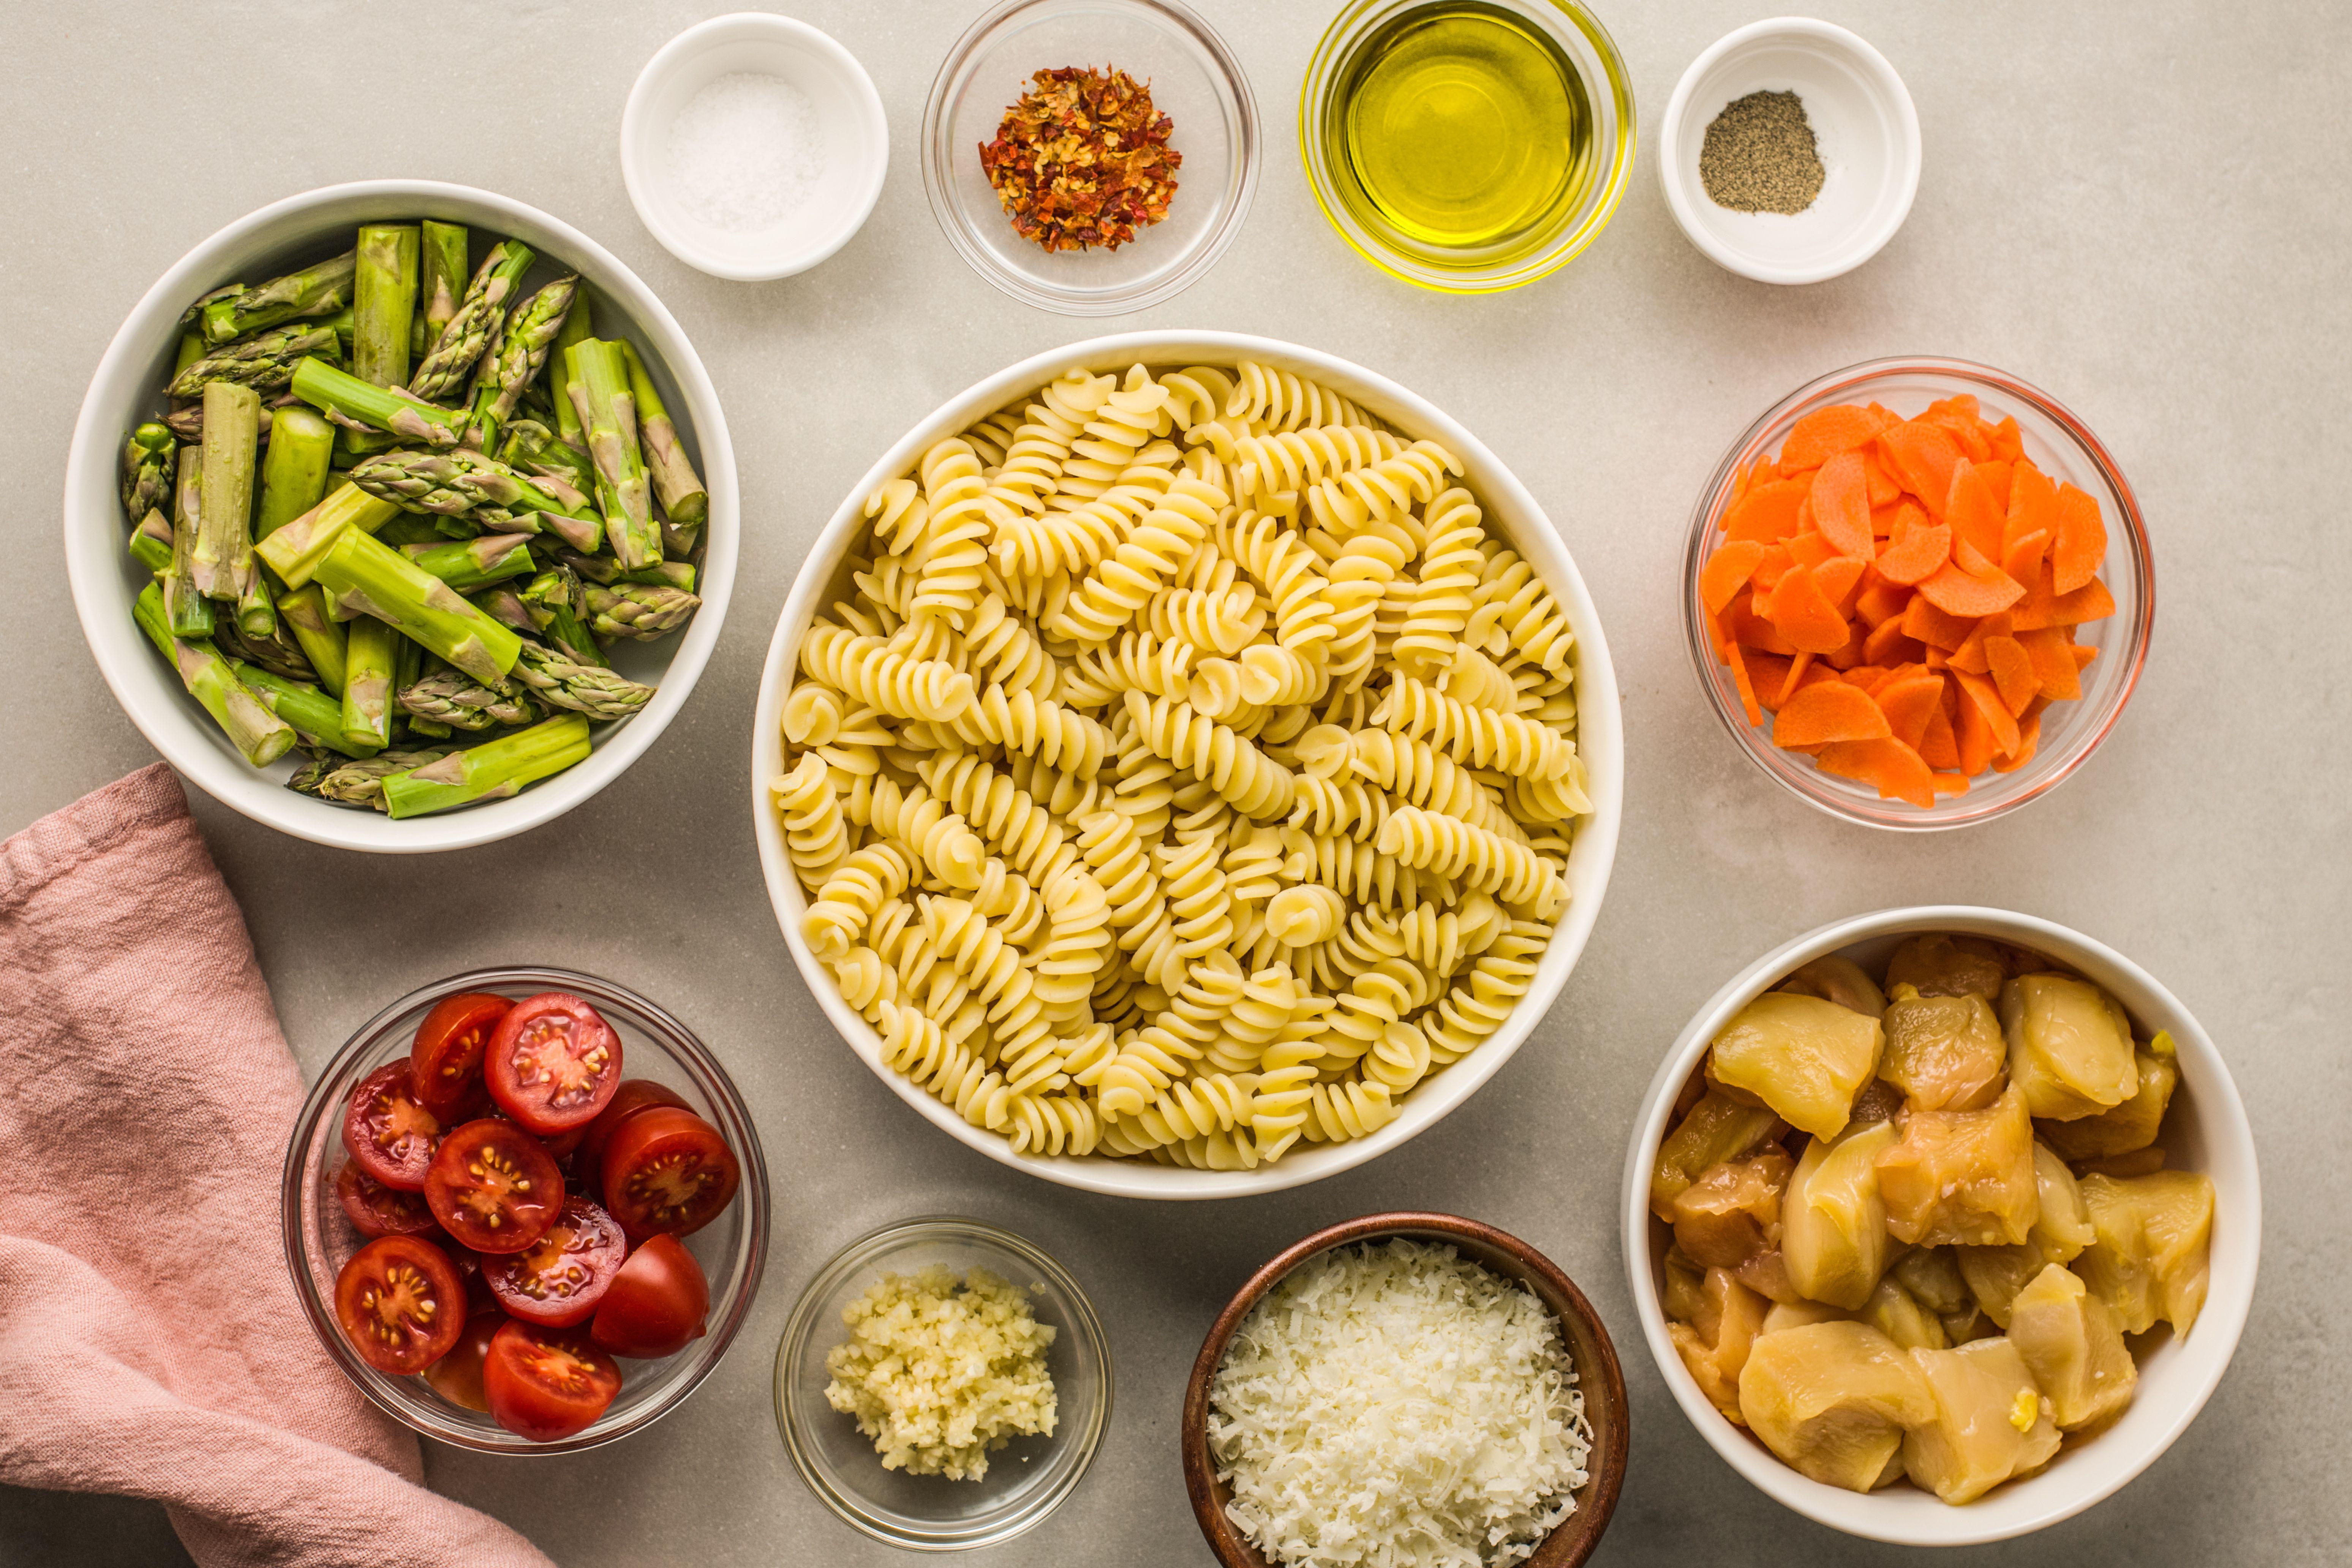 Gather the ingredients for chicken pasta primavera